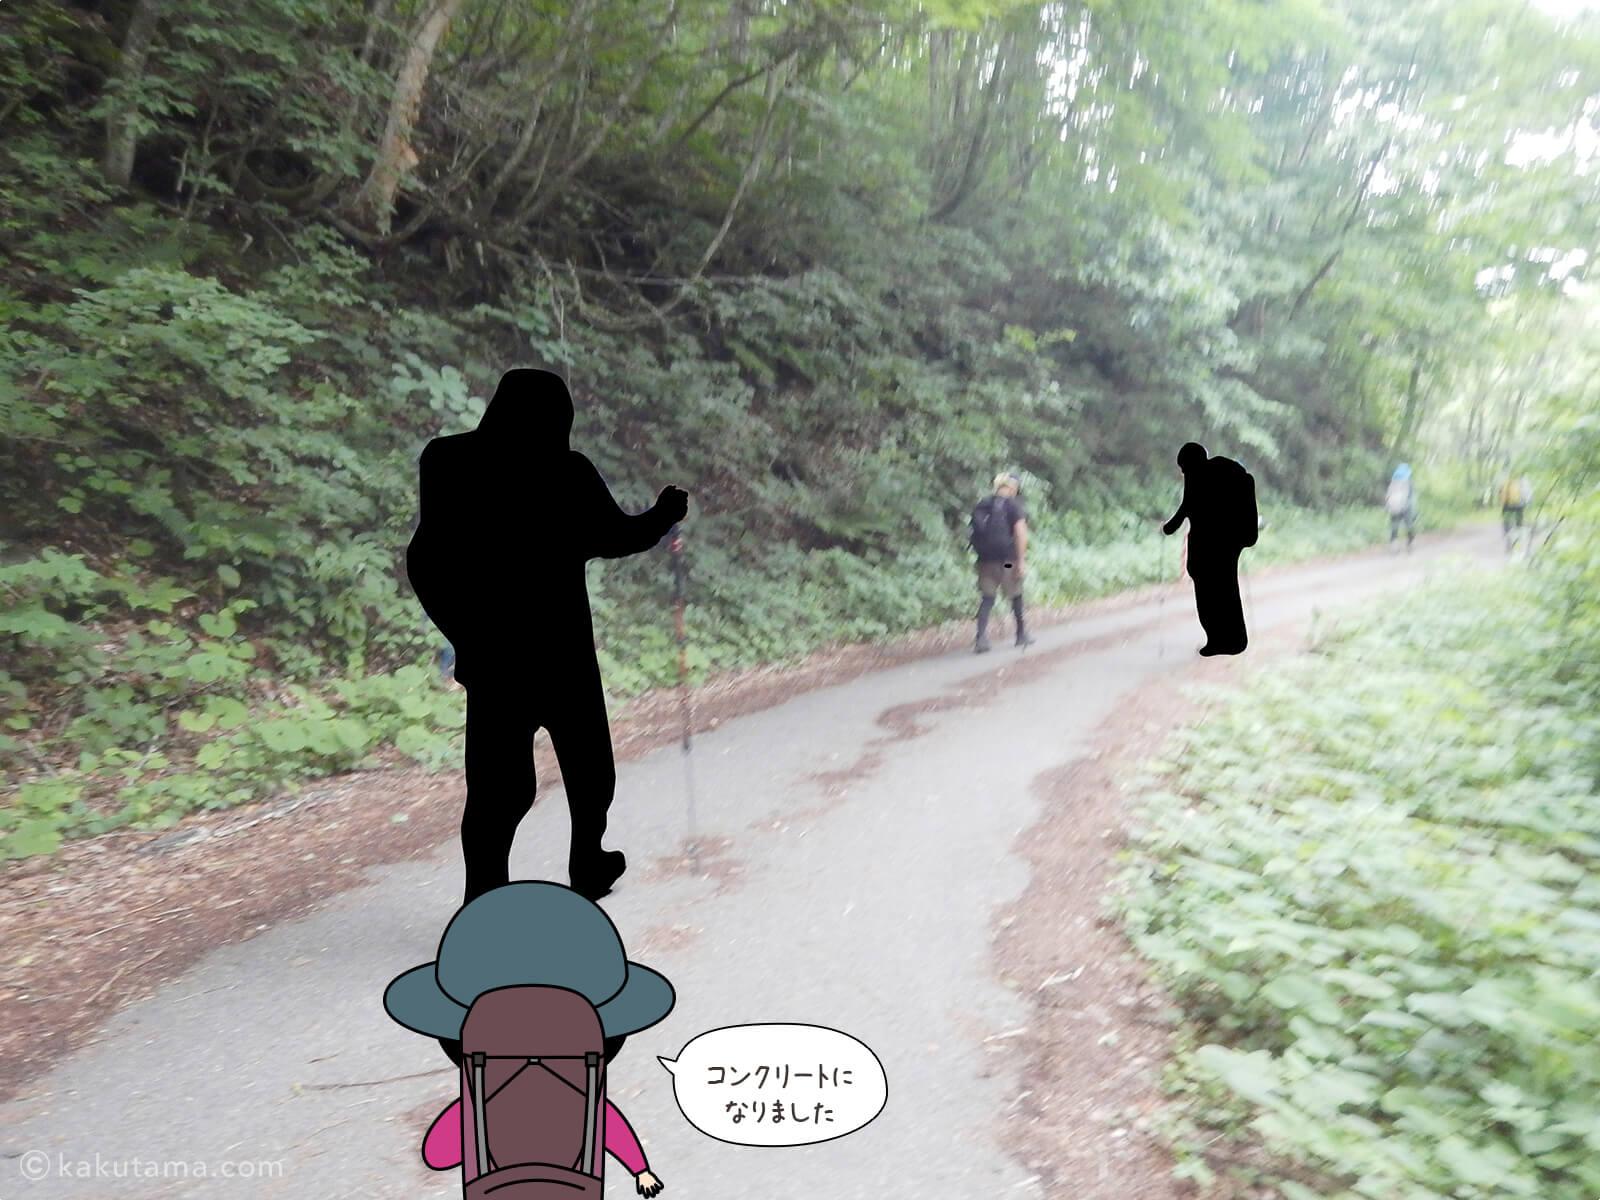 林道を歩く5